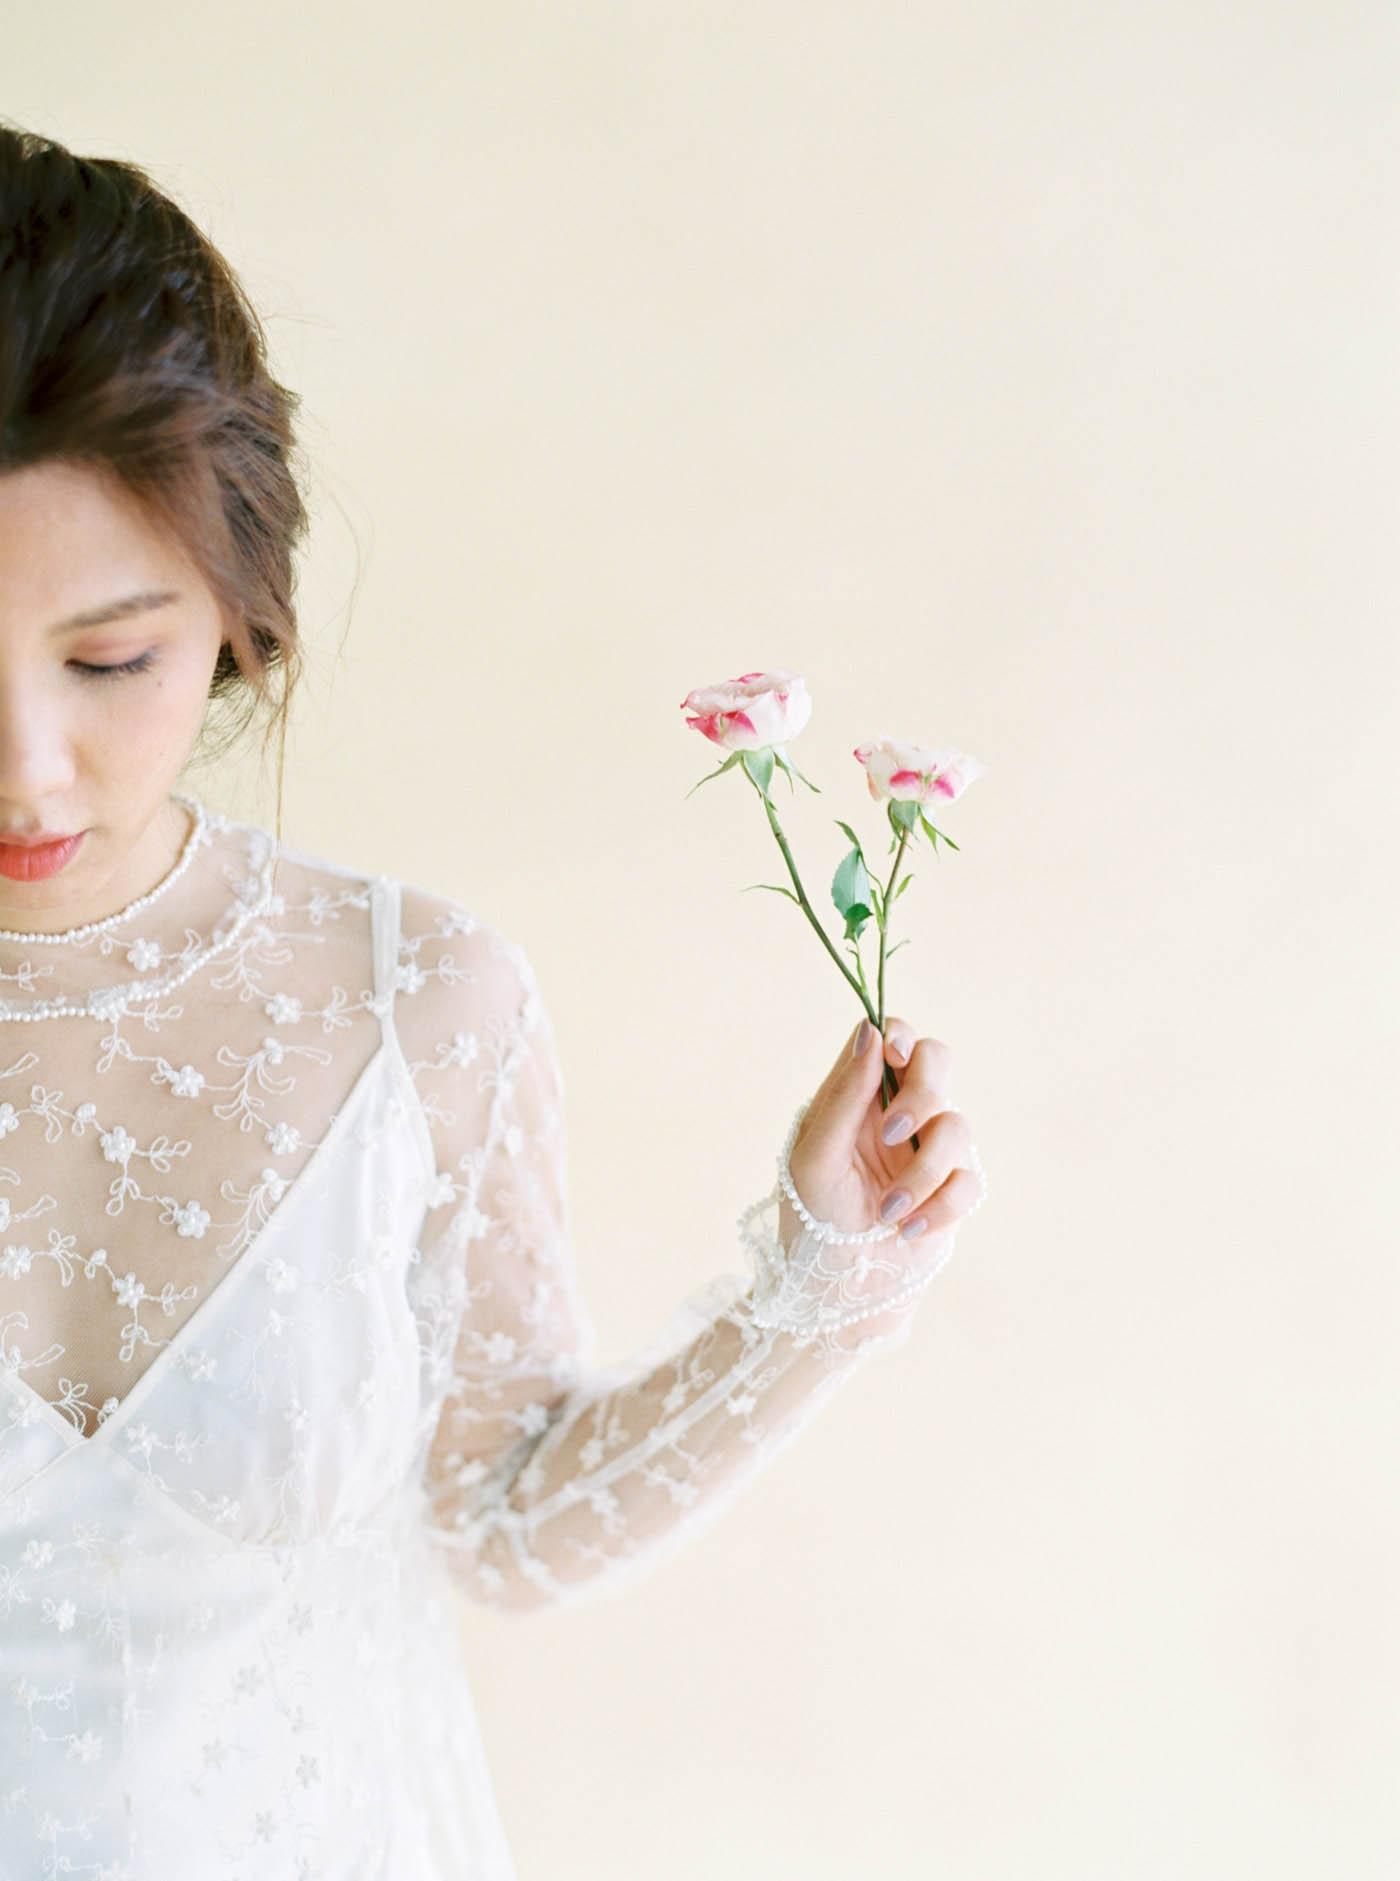 美式-人像拍攝-唯諾禮服婚紗